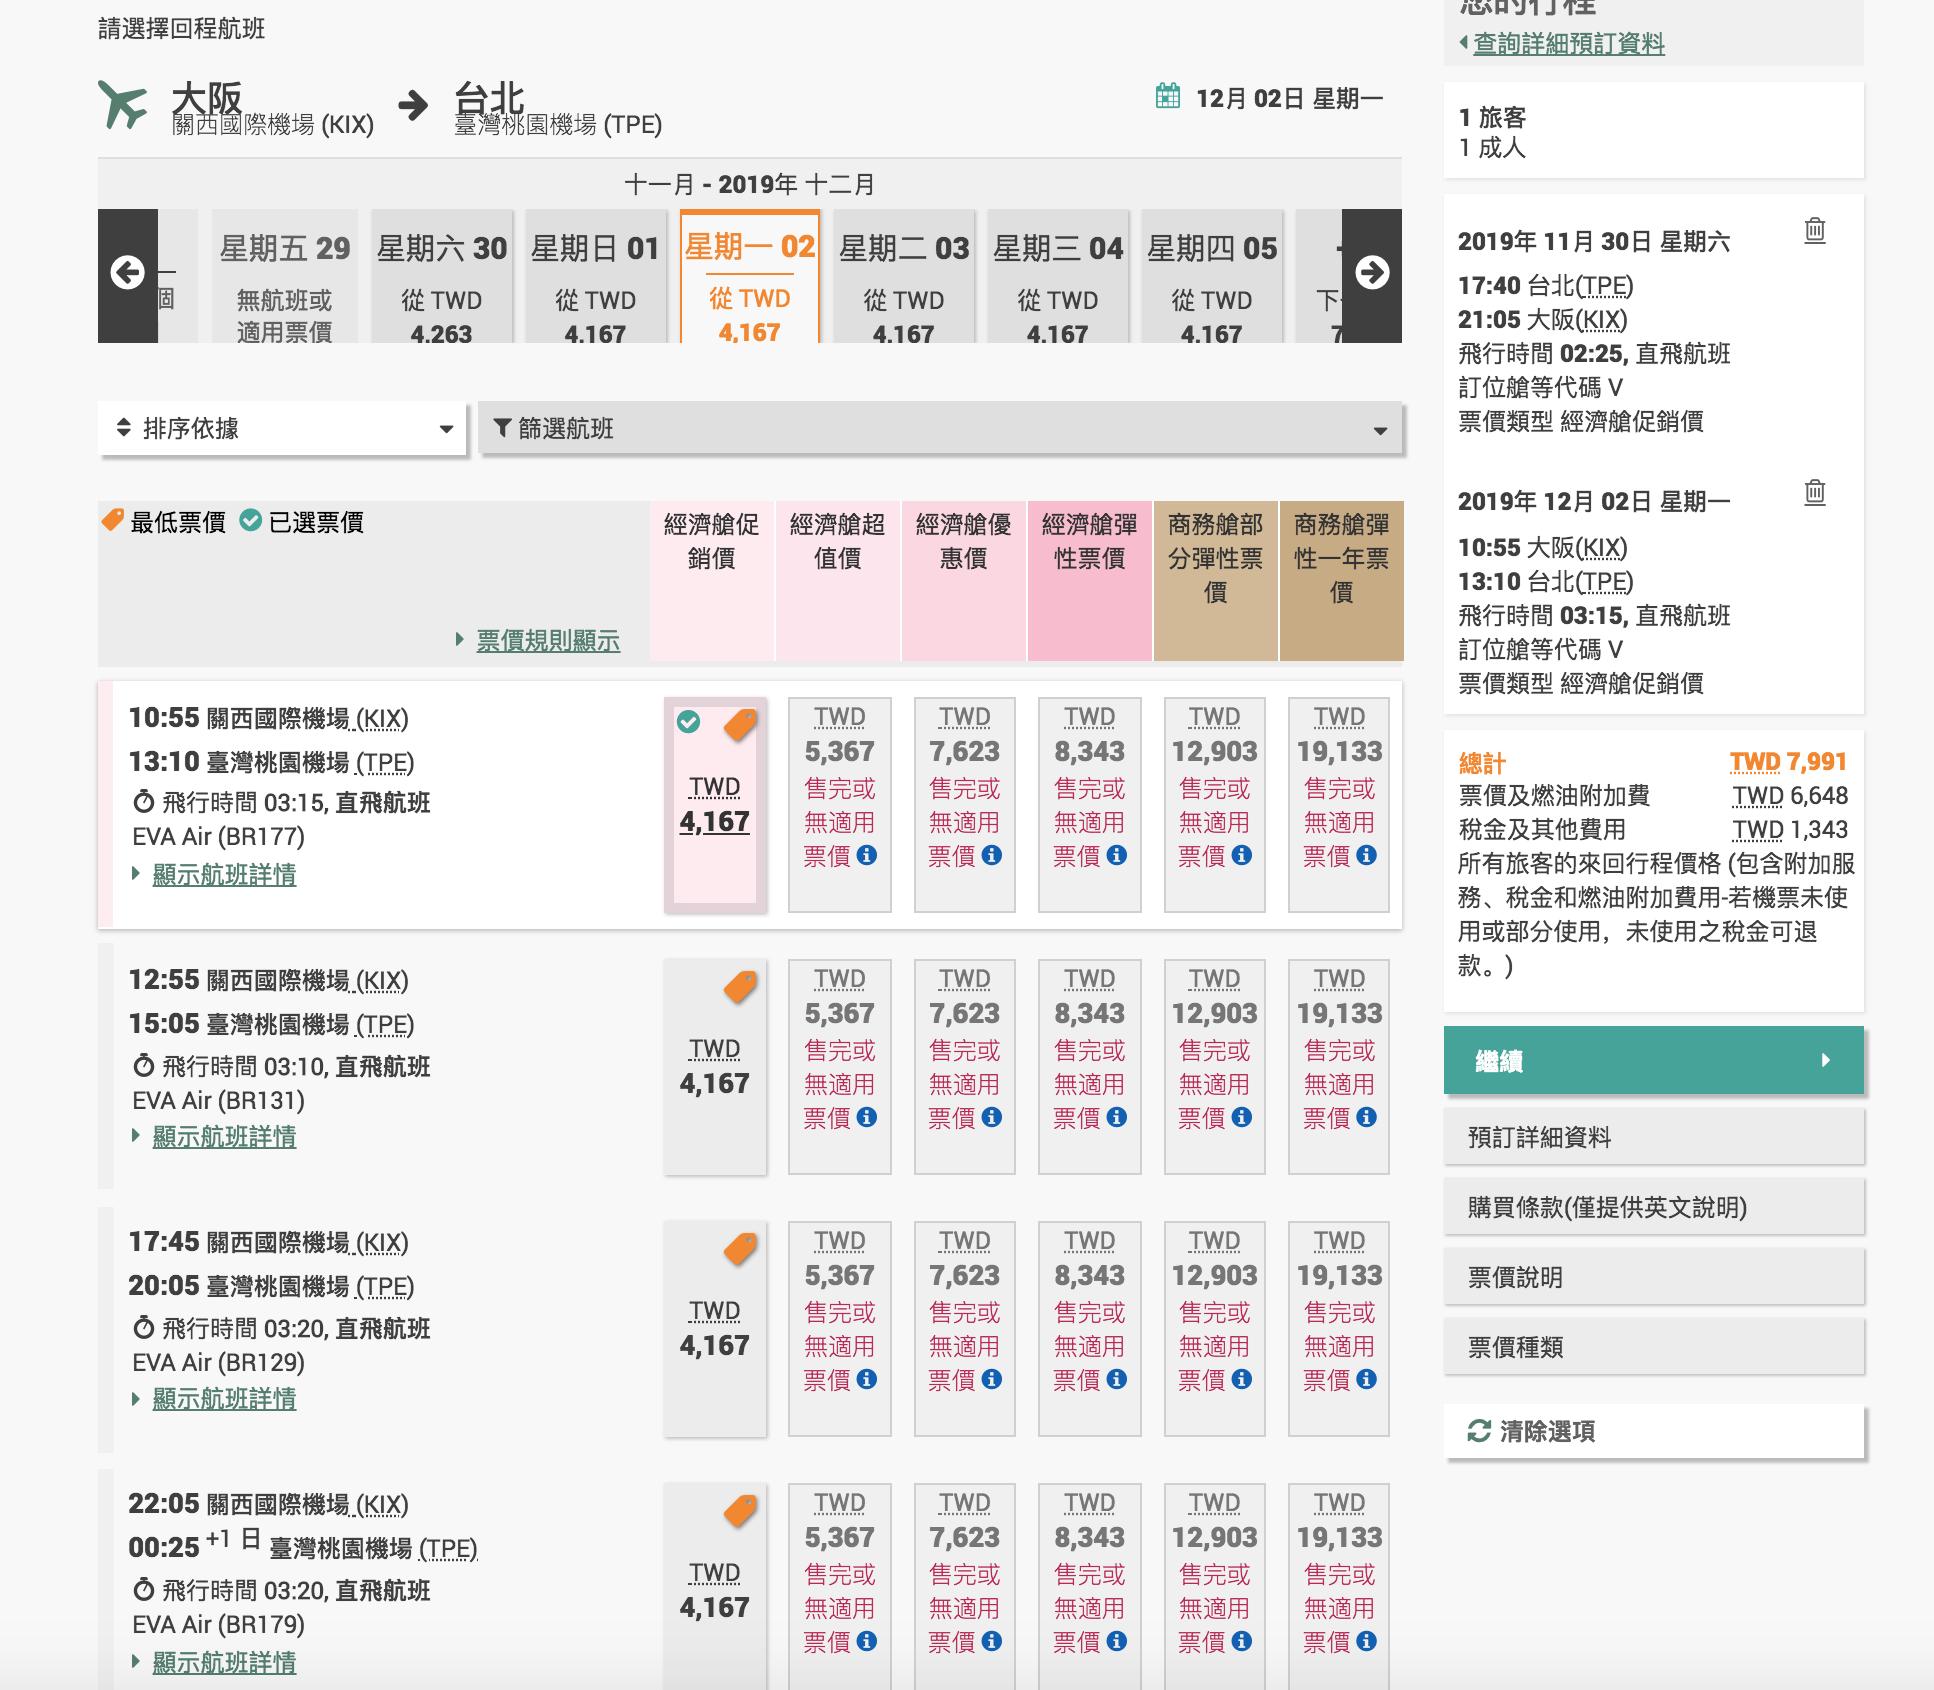 長榮促銷末搜價,暑假大阪7K、香港5K、福岡8K、東京9K~(查票:107.12.26)